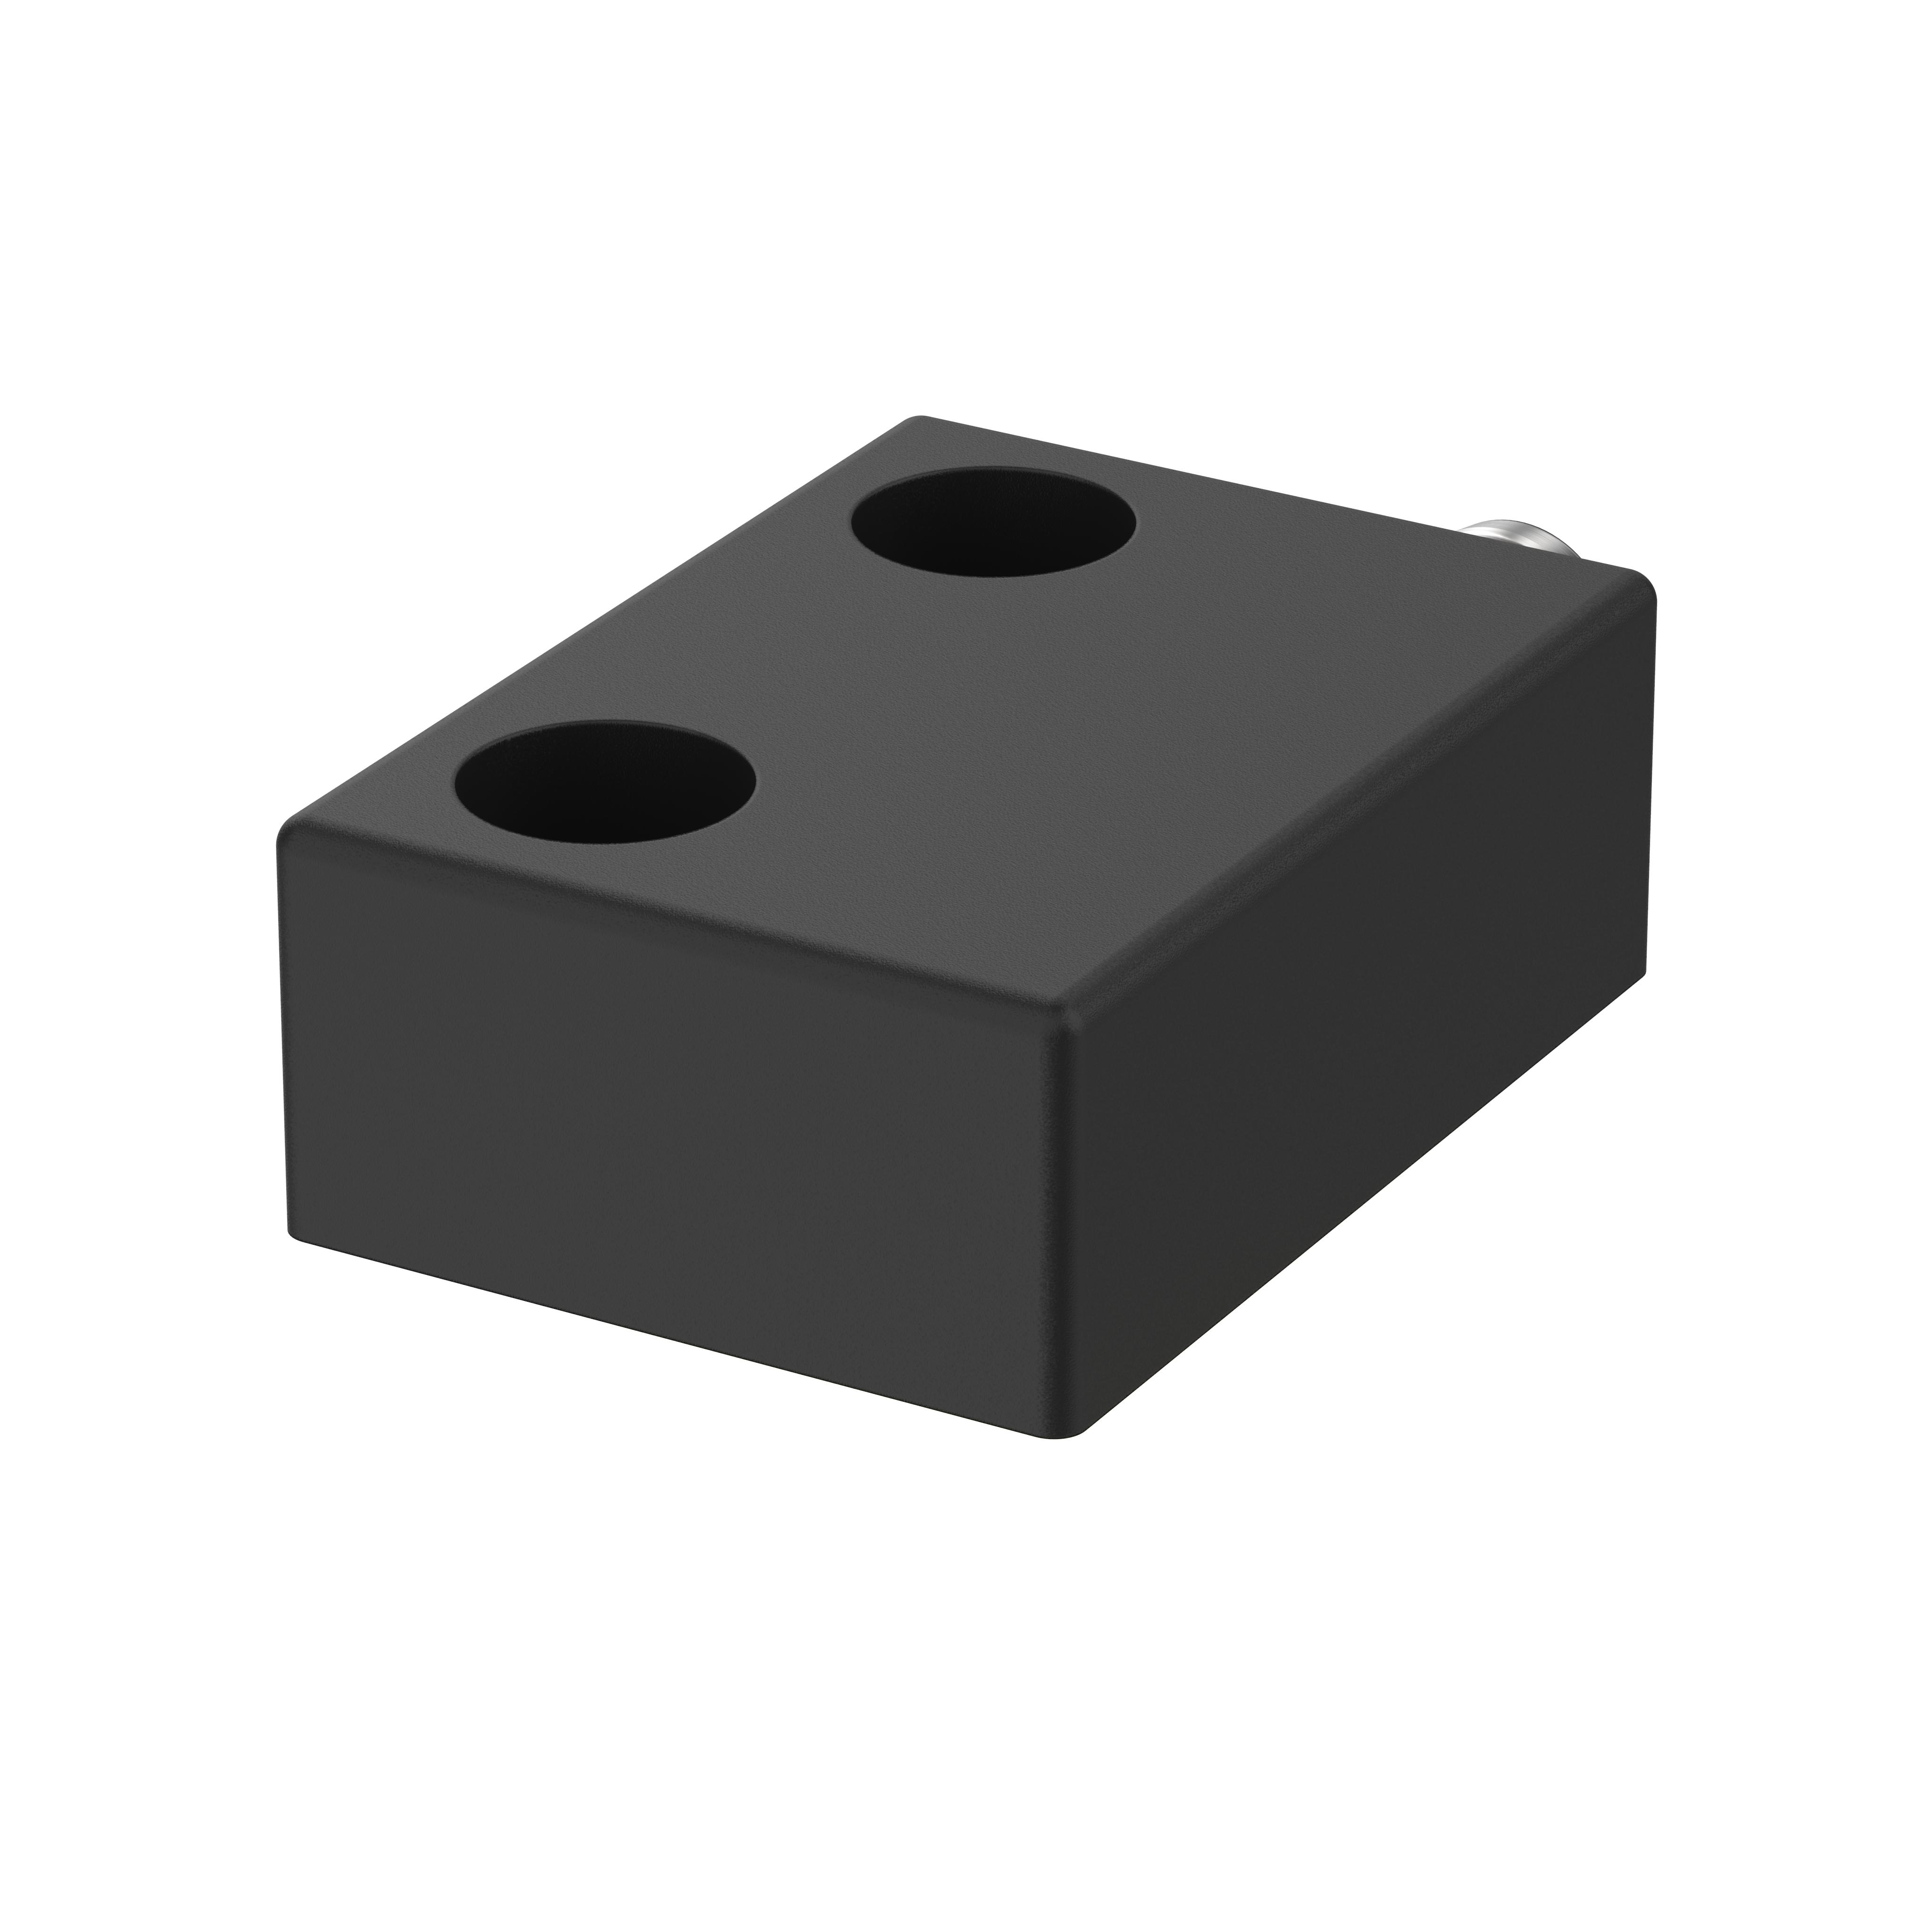 Sicherheitssensor - 153262AFA - magnetisch betätigt - Schließer/Schließer, Einbaustecker M8